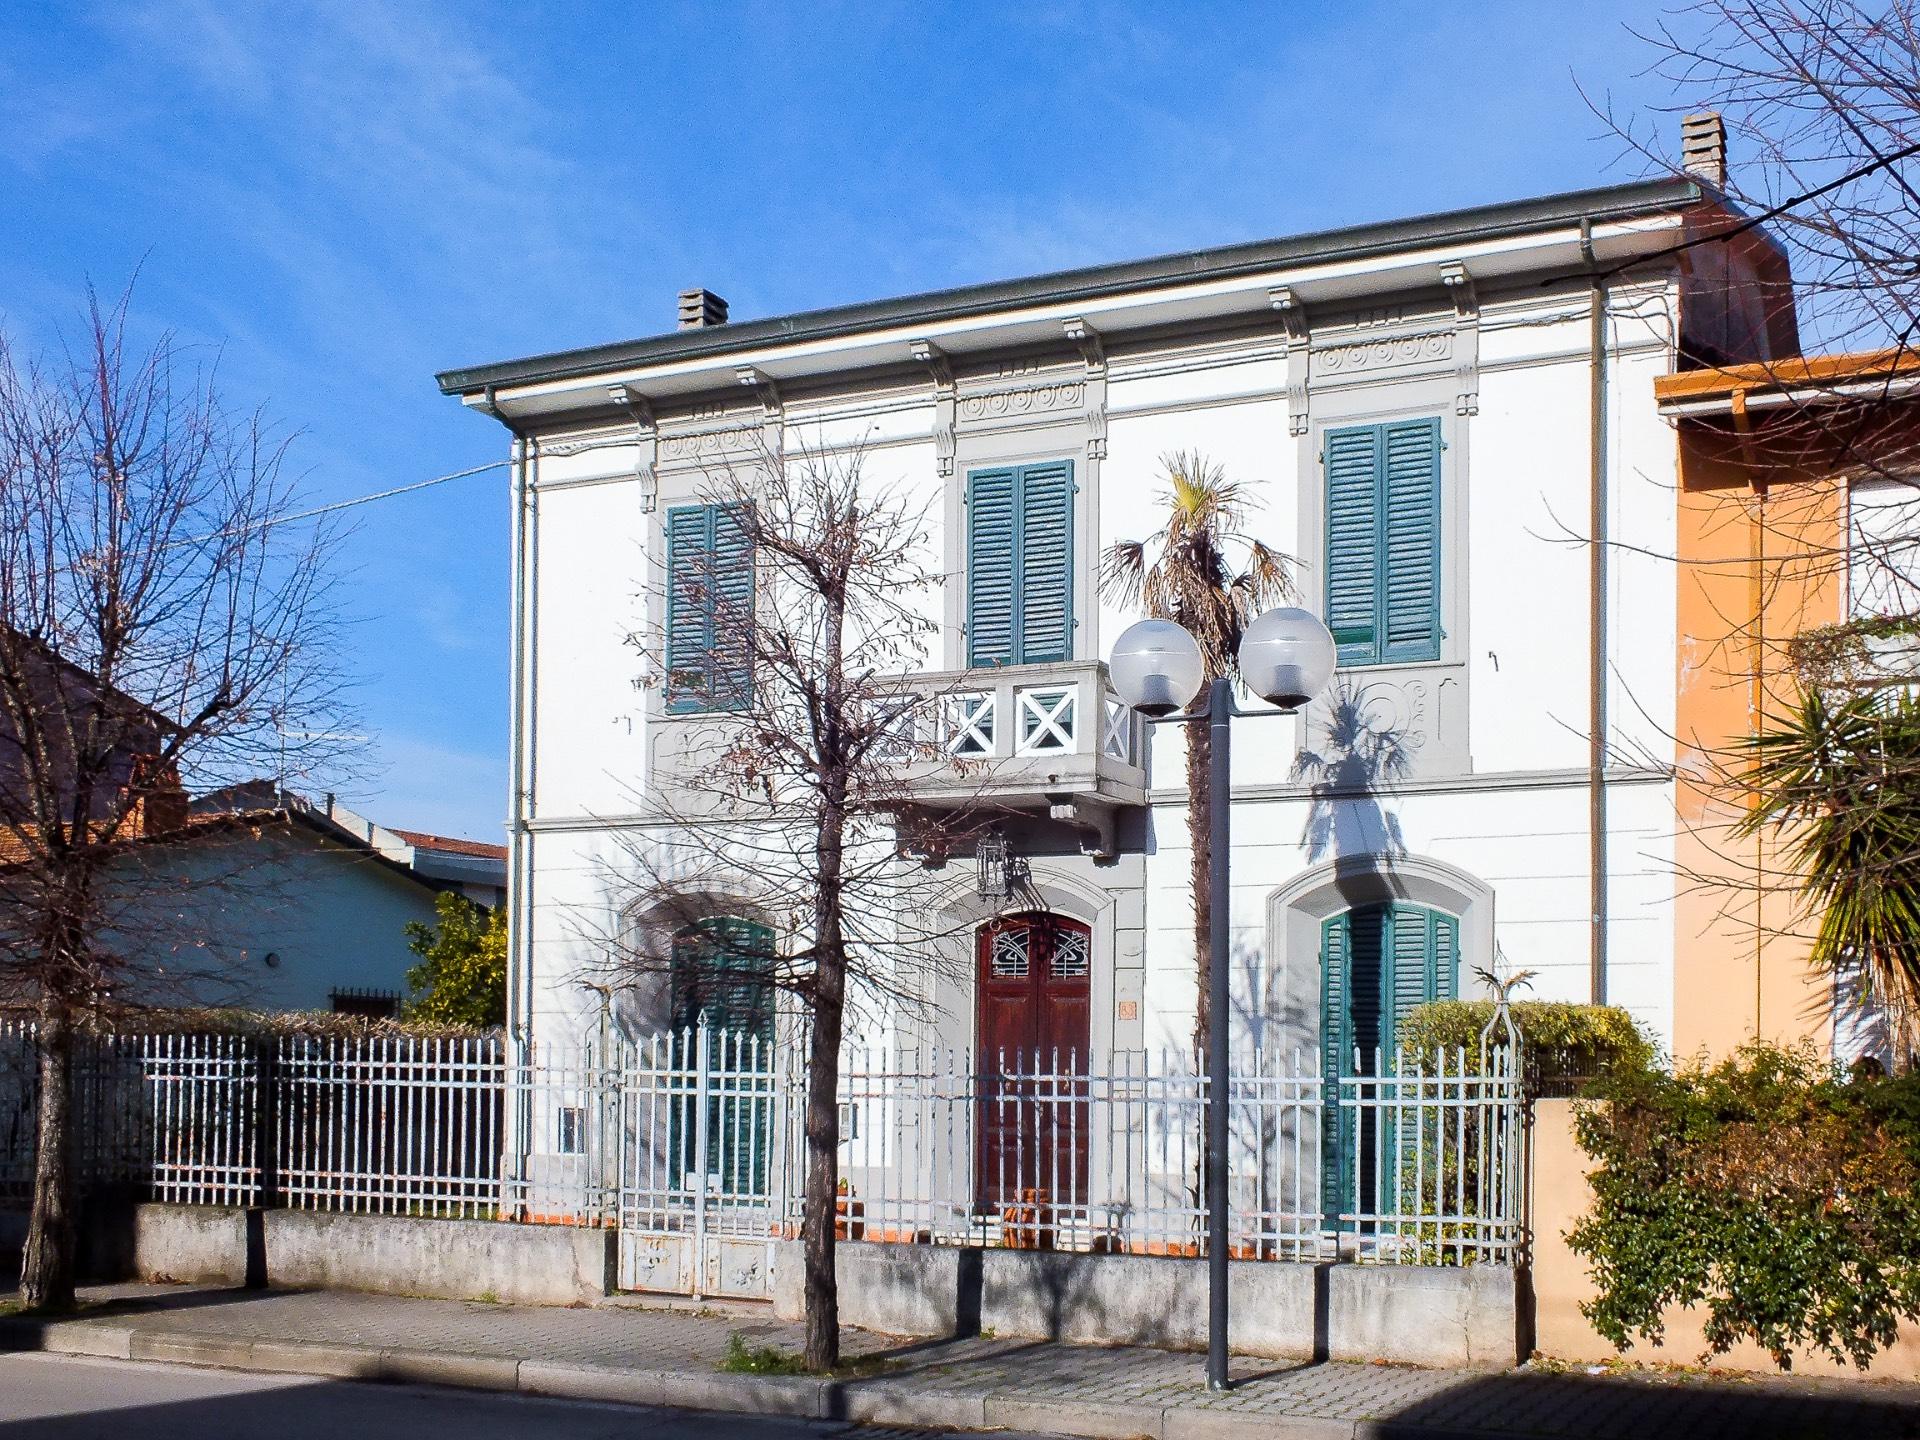 Villa in vendita a Viareggio, 10 locali, zona Località: TorredelLagoeBicchio, prezzo € 680.000 | Cambio Casa.it